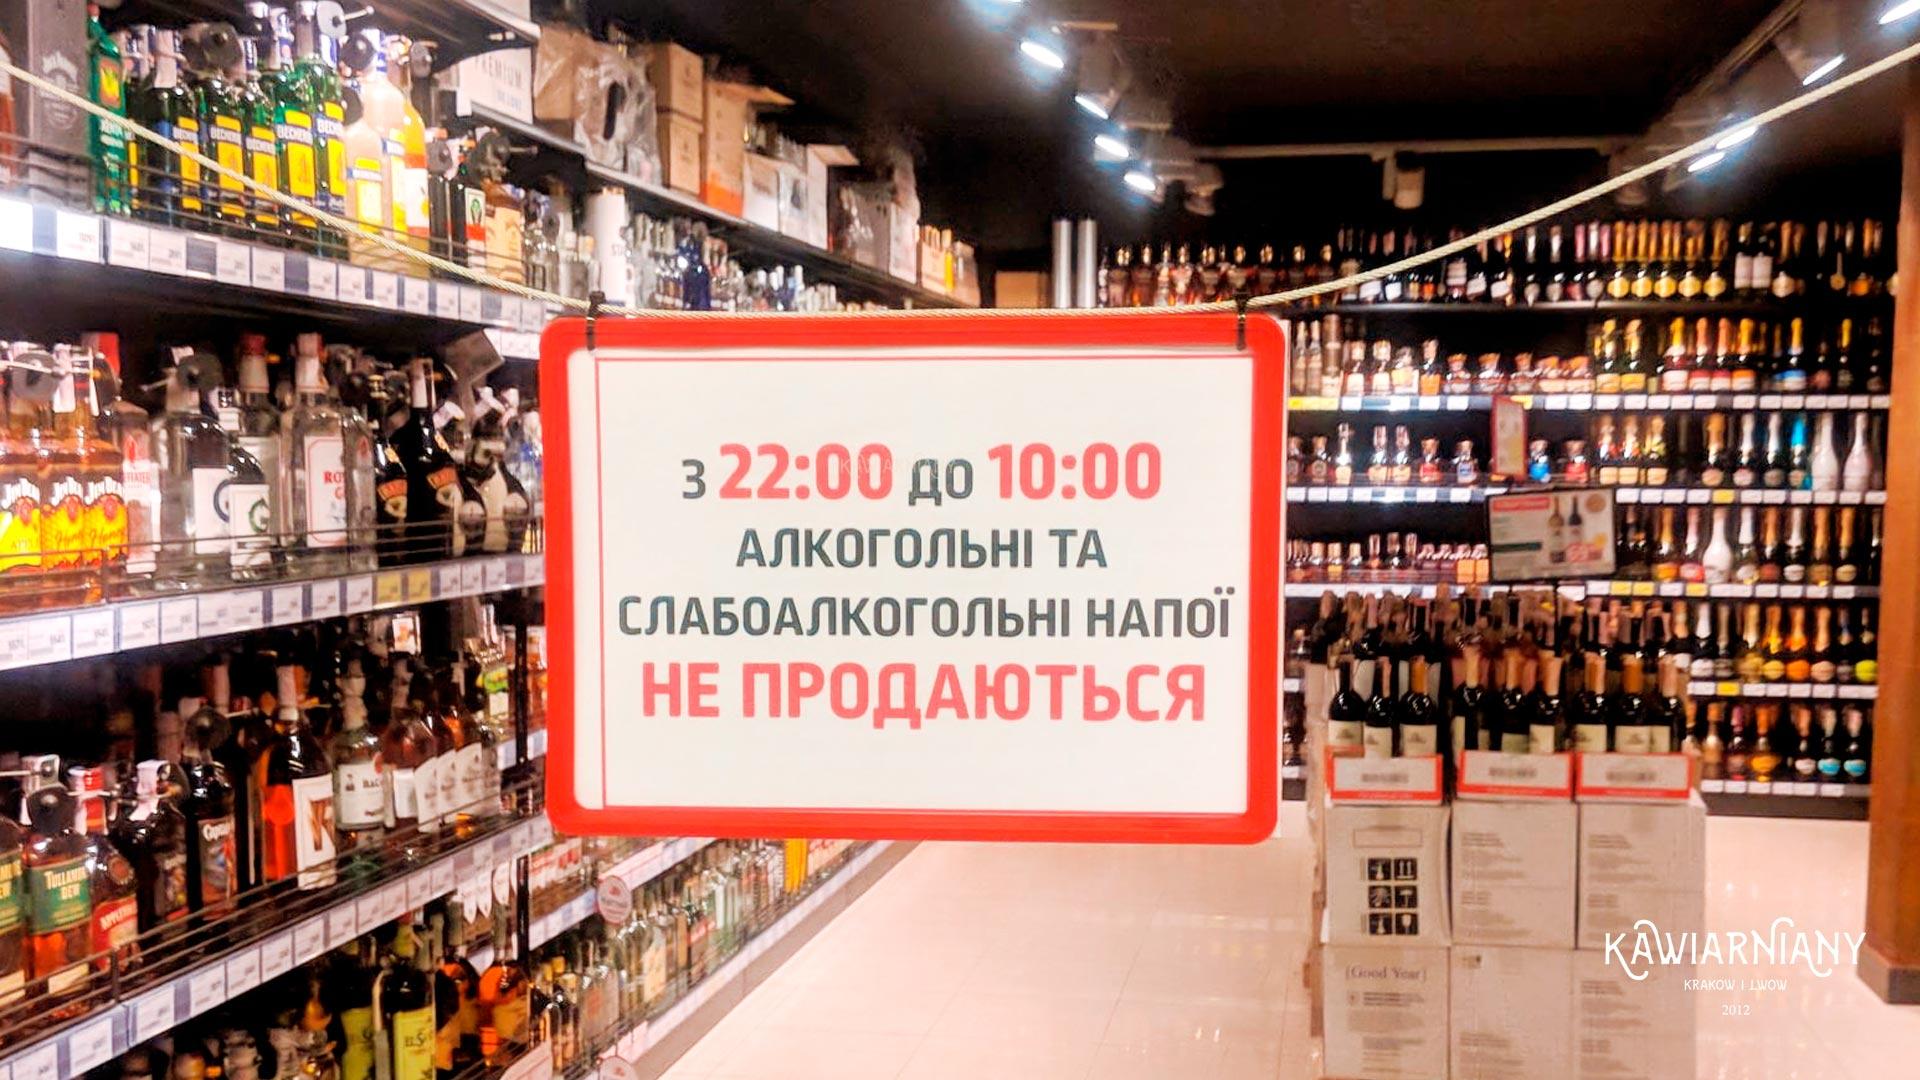 Całodobowy sklep Lwów